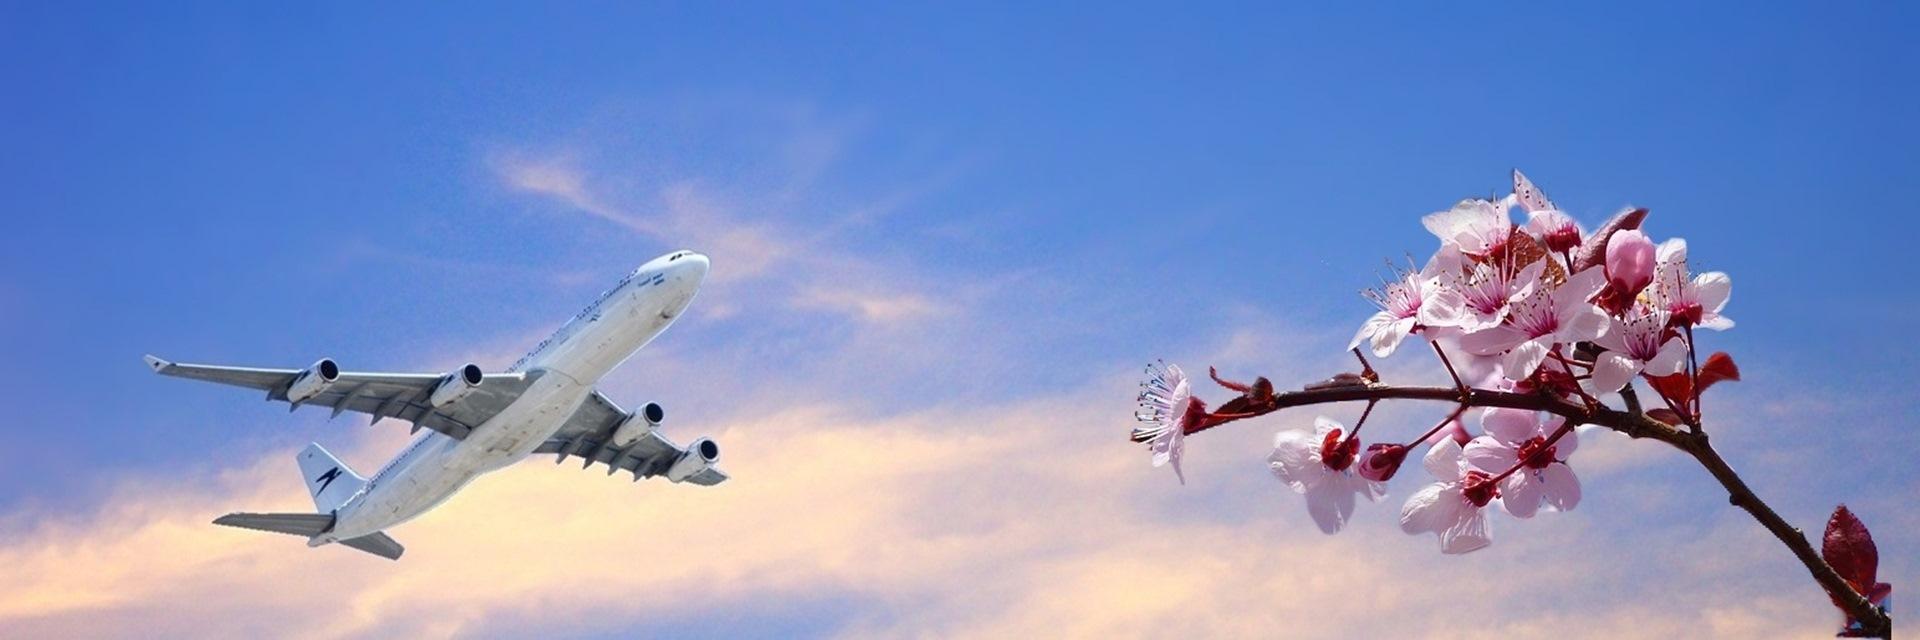 Horizonterweiterung - abhebendes Flugzeug mit Blume